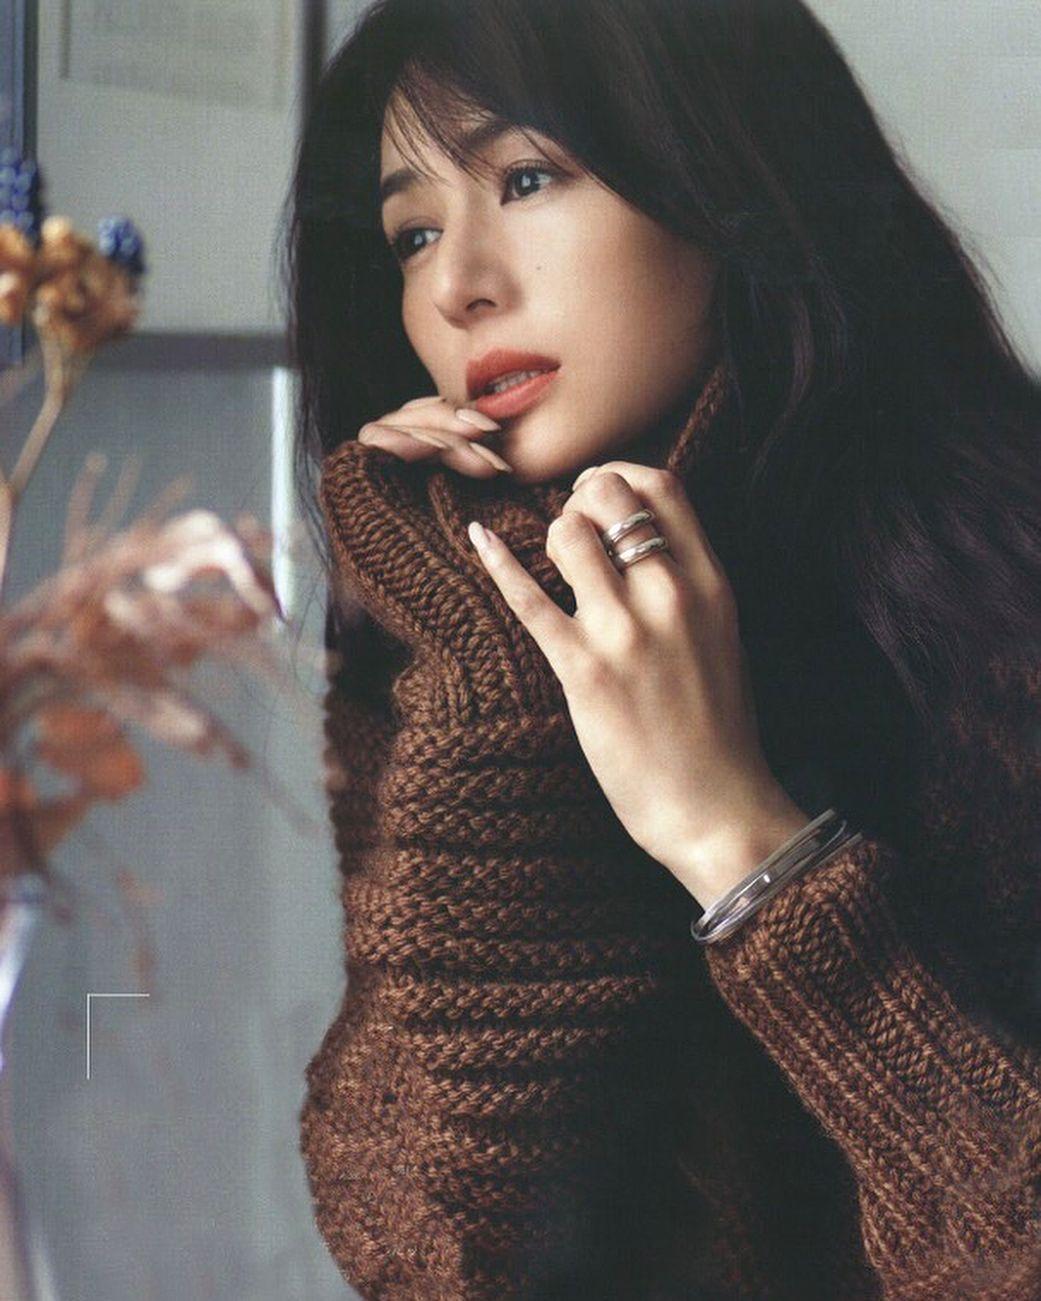 very おしゃれまとめの人気アイデア Pinterest とみ とみやす 女性 美しいアジア人女性 井川遥 ファッション